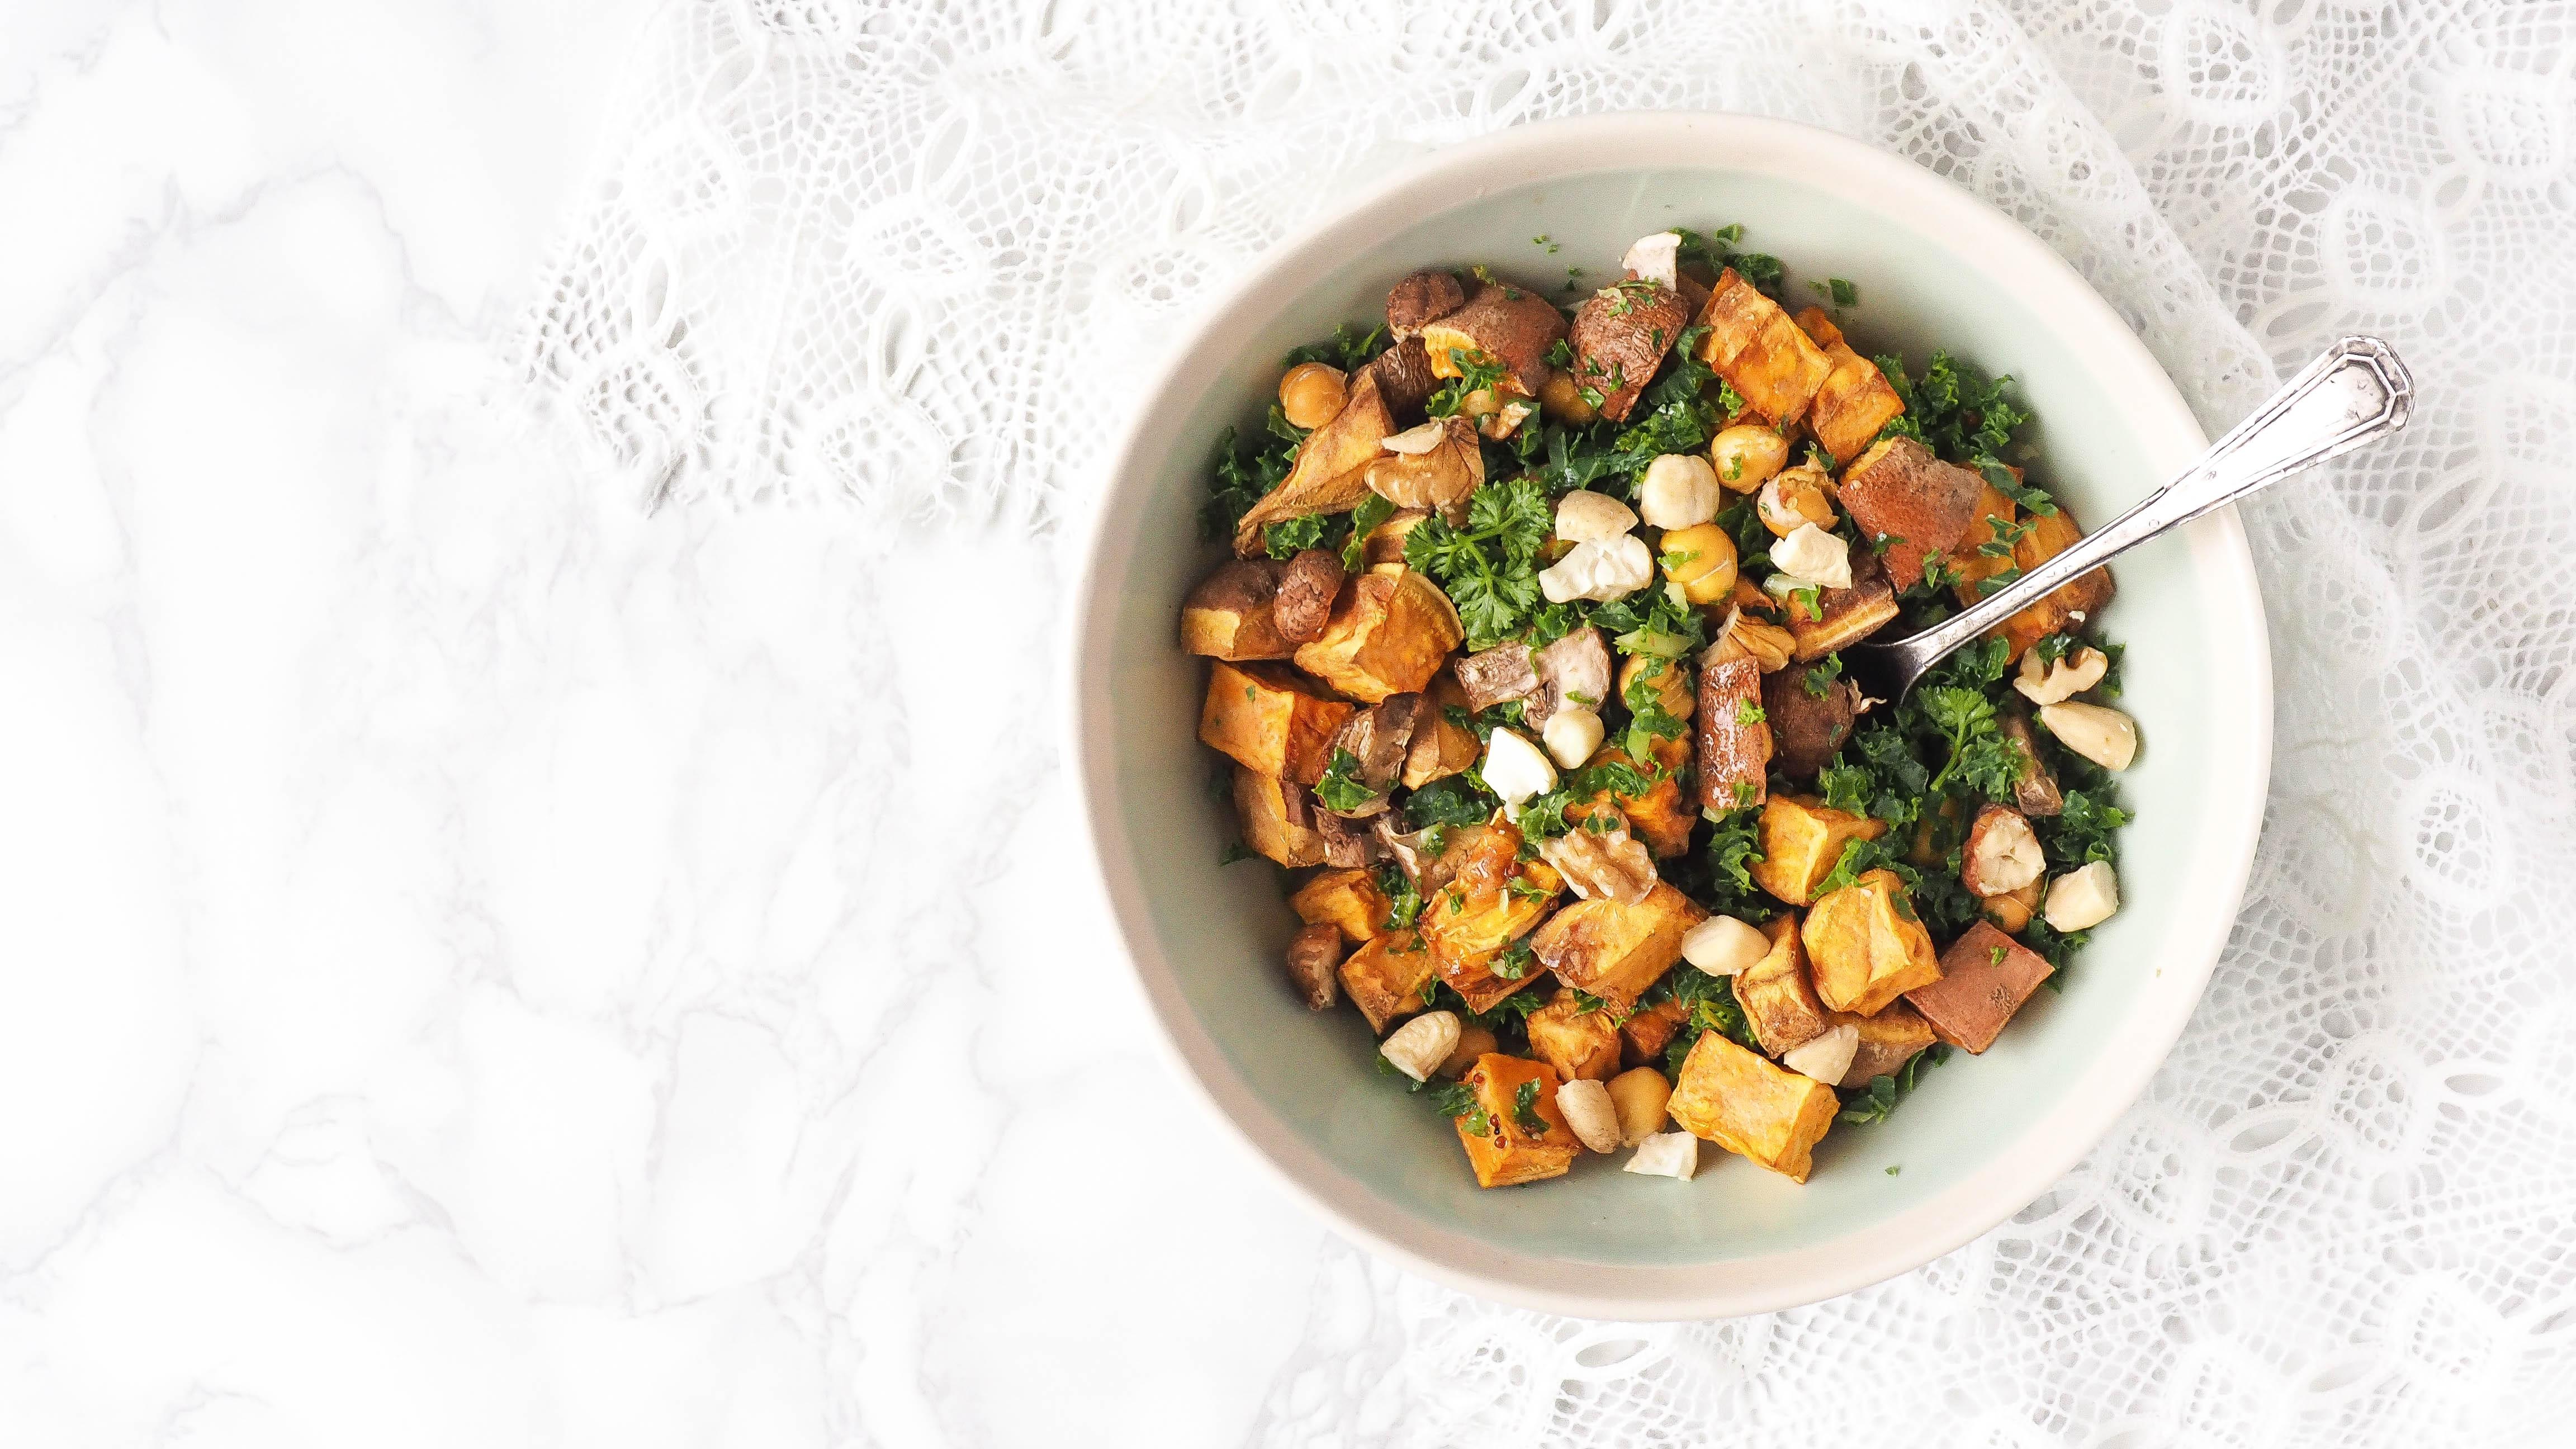 Recept: Zoete aardappel boerenkool salade met geroosterde kikkererwten